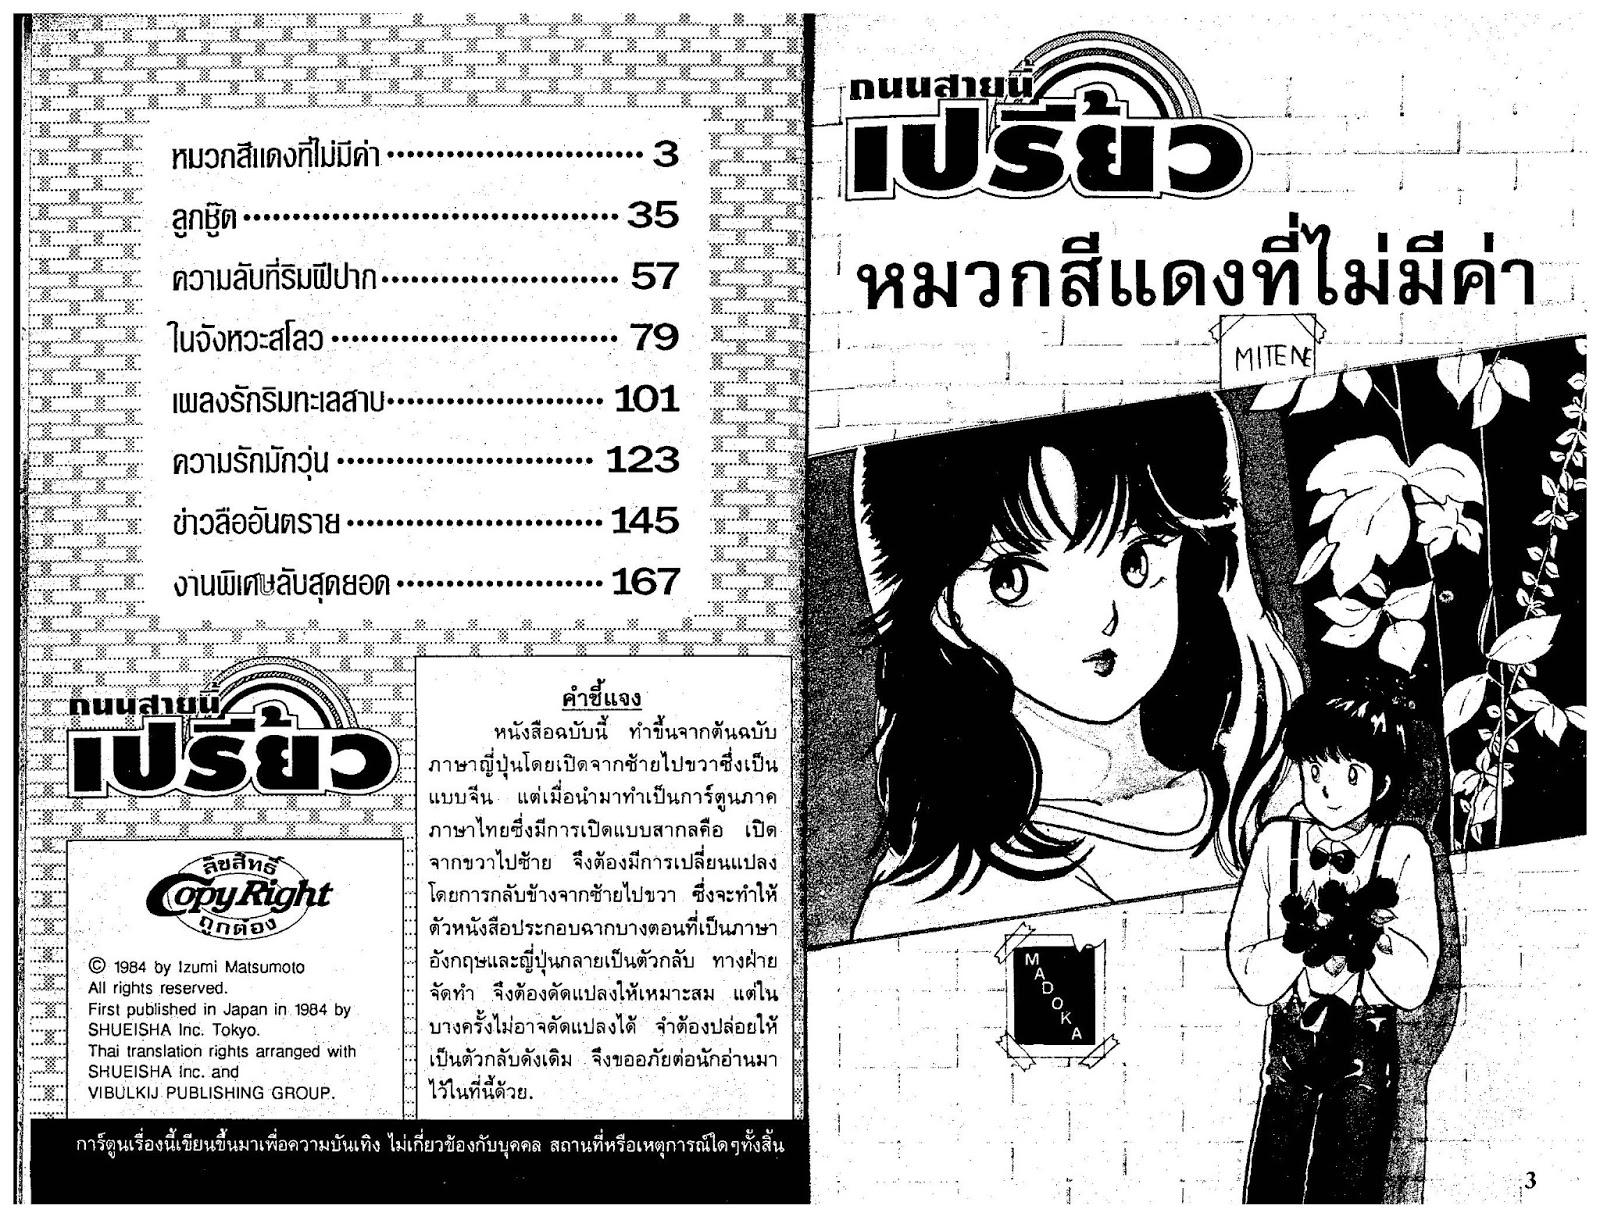 Orange Road ถนนสายนี้เปรี้ยว เล่มที่ 01 TH แปลไทย